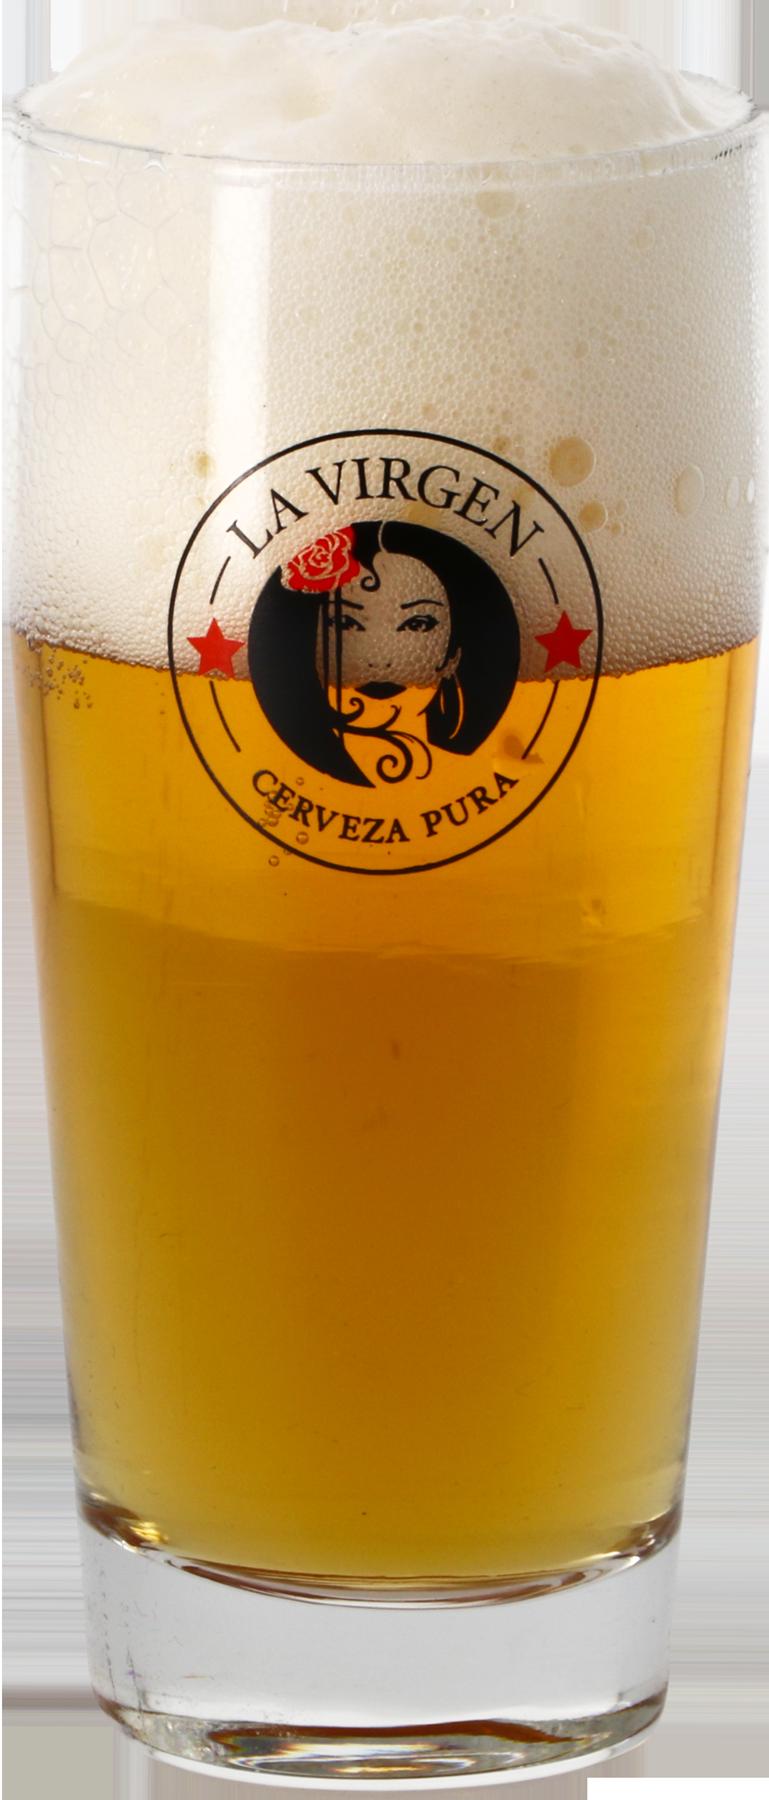 La virgen vaso de cerveza - 25 cl